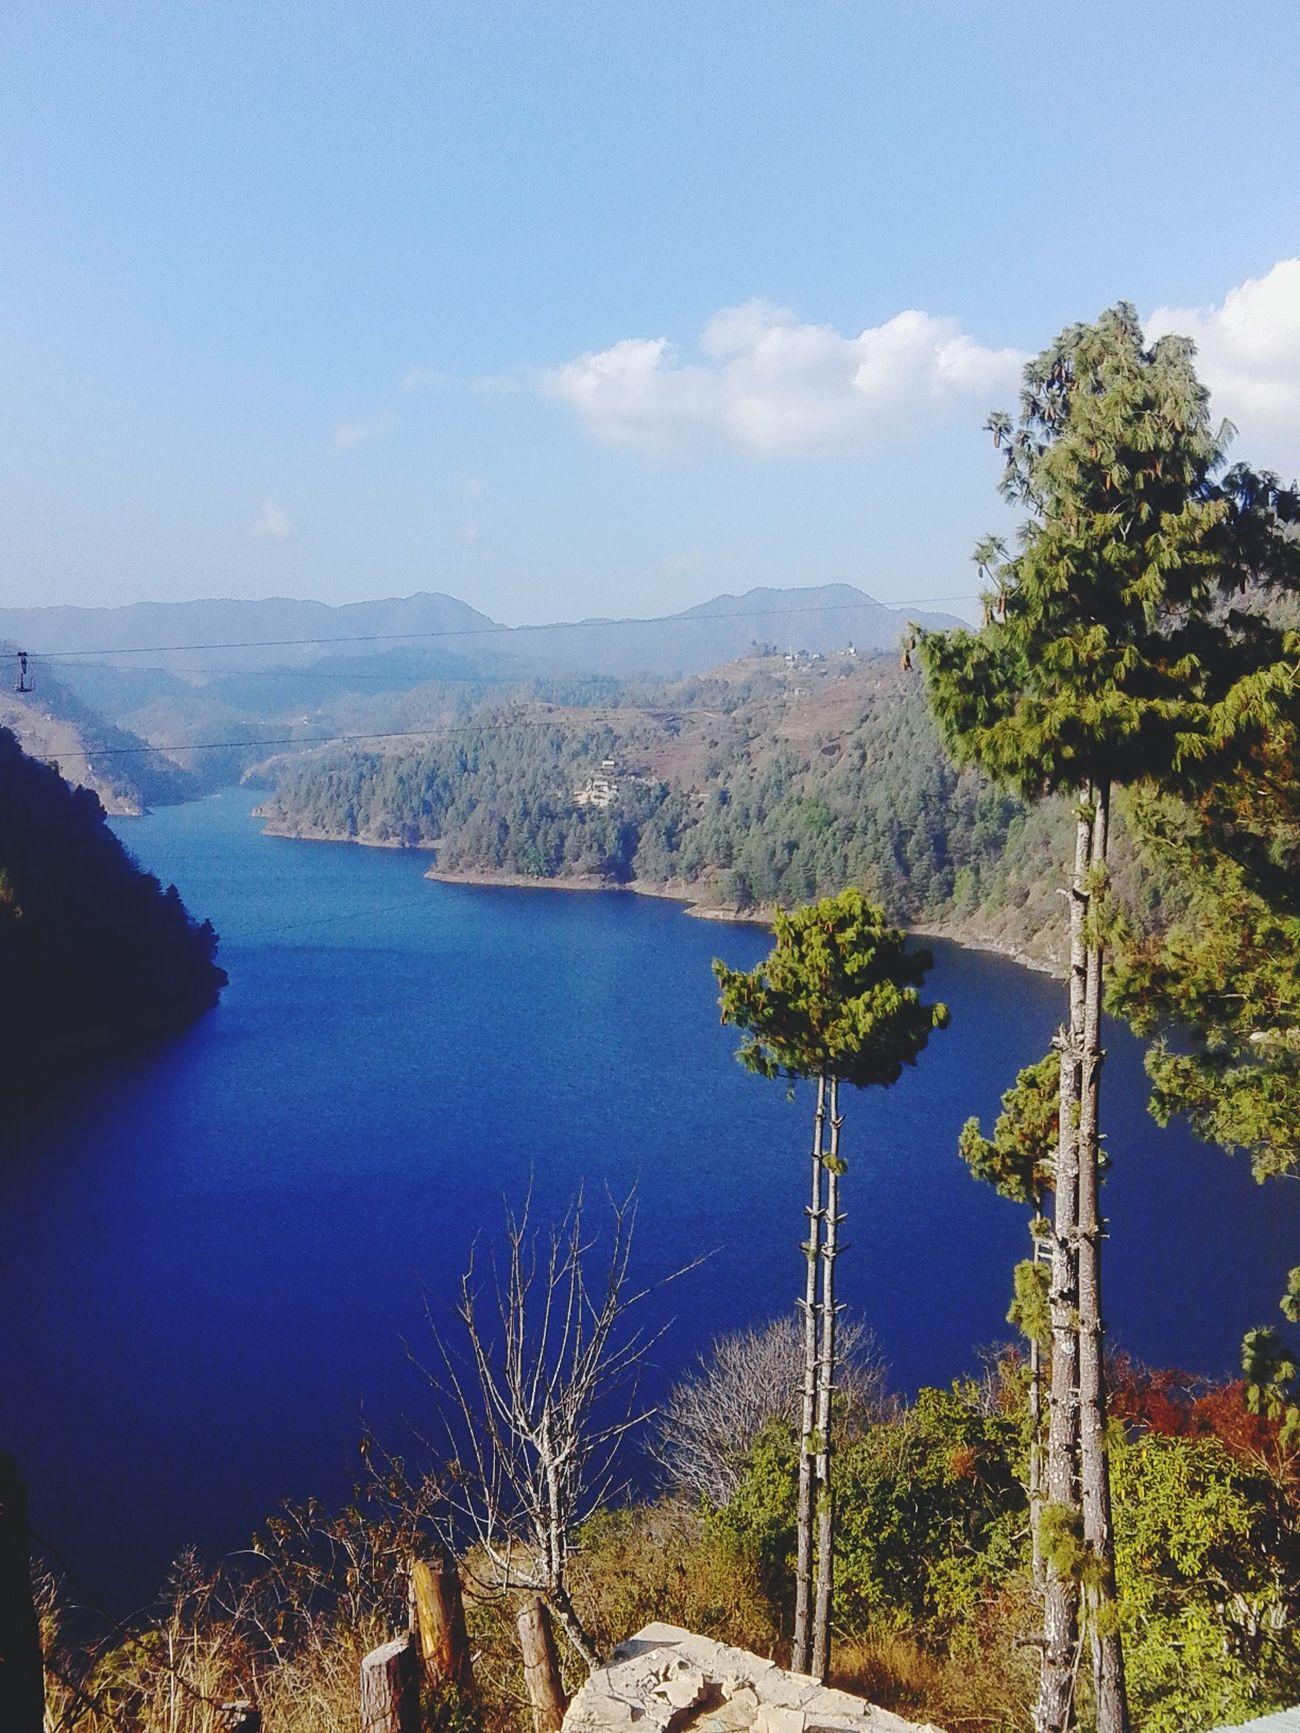 Mountains Lake View Nature Hydropower Mobilephotography Kulekhani Dam Nepal First Eyeem Photo